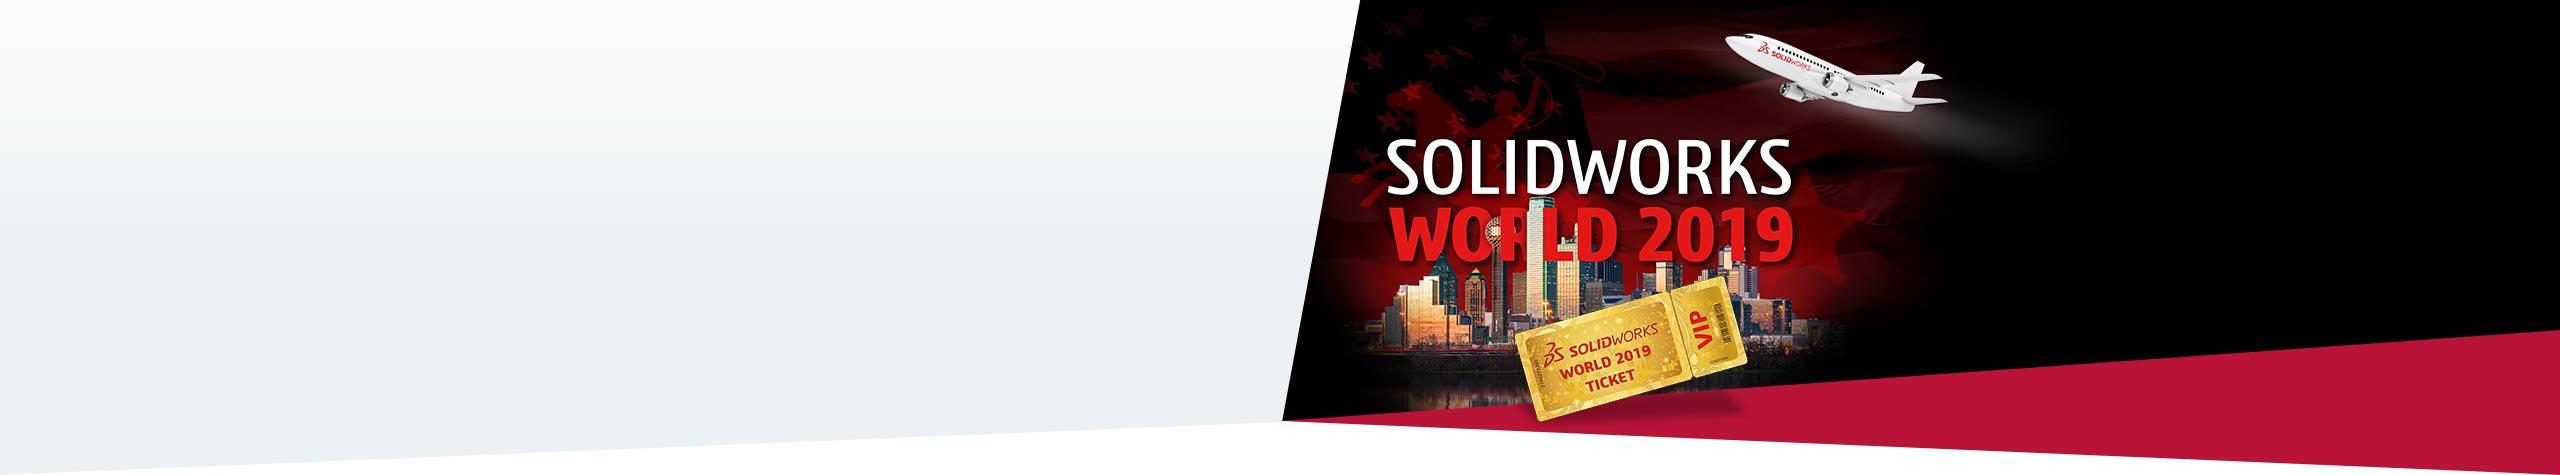 Deutschlands Konstrukteure Mit SolidLine zur SOLIDWORKS World 2019 Jetzt teilnehmen